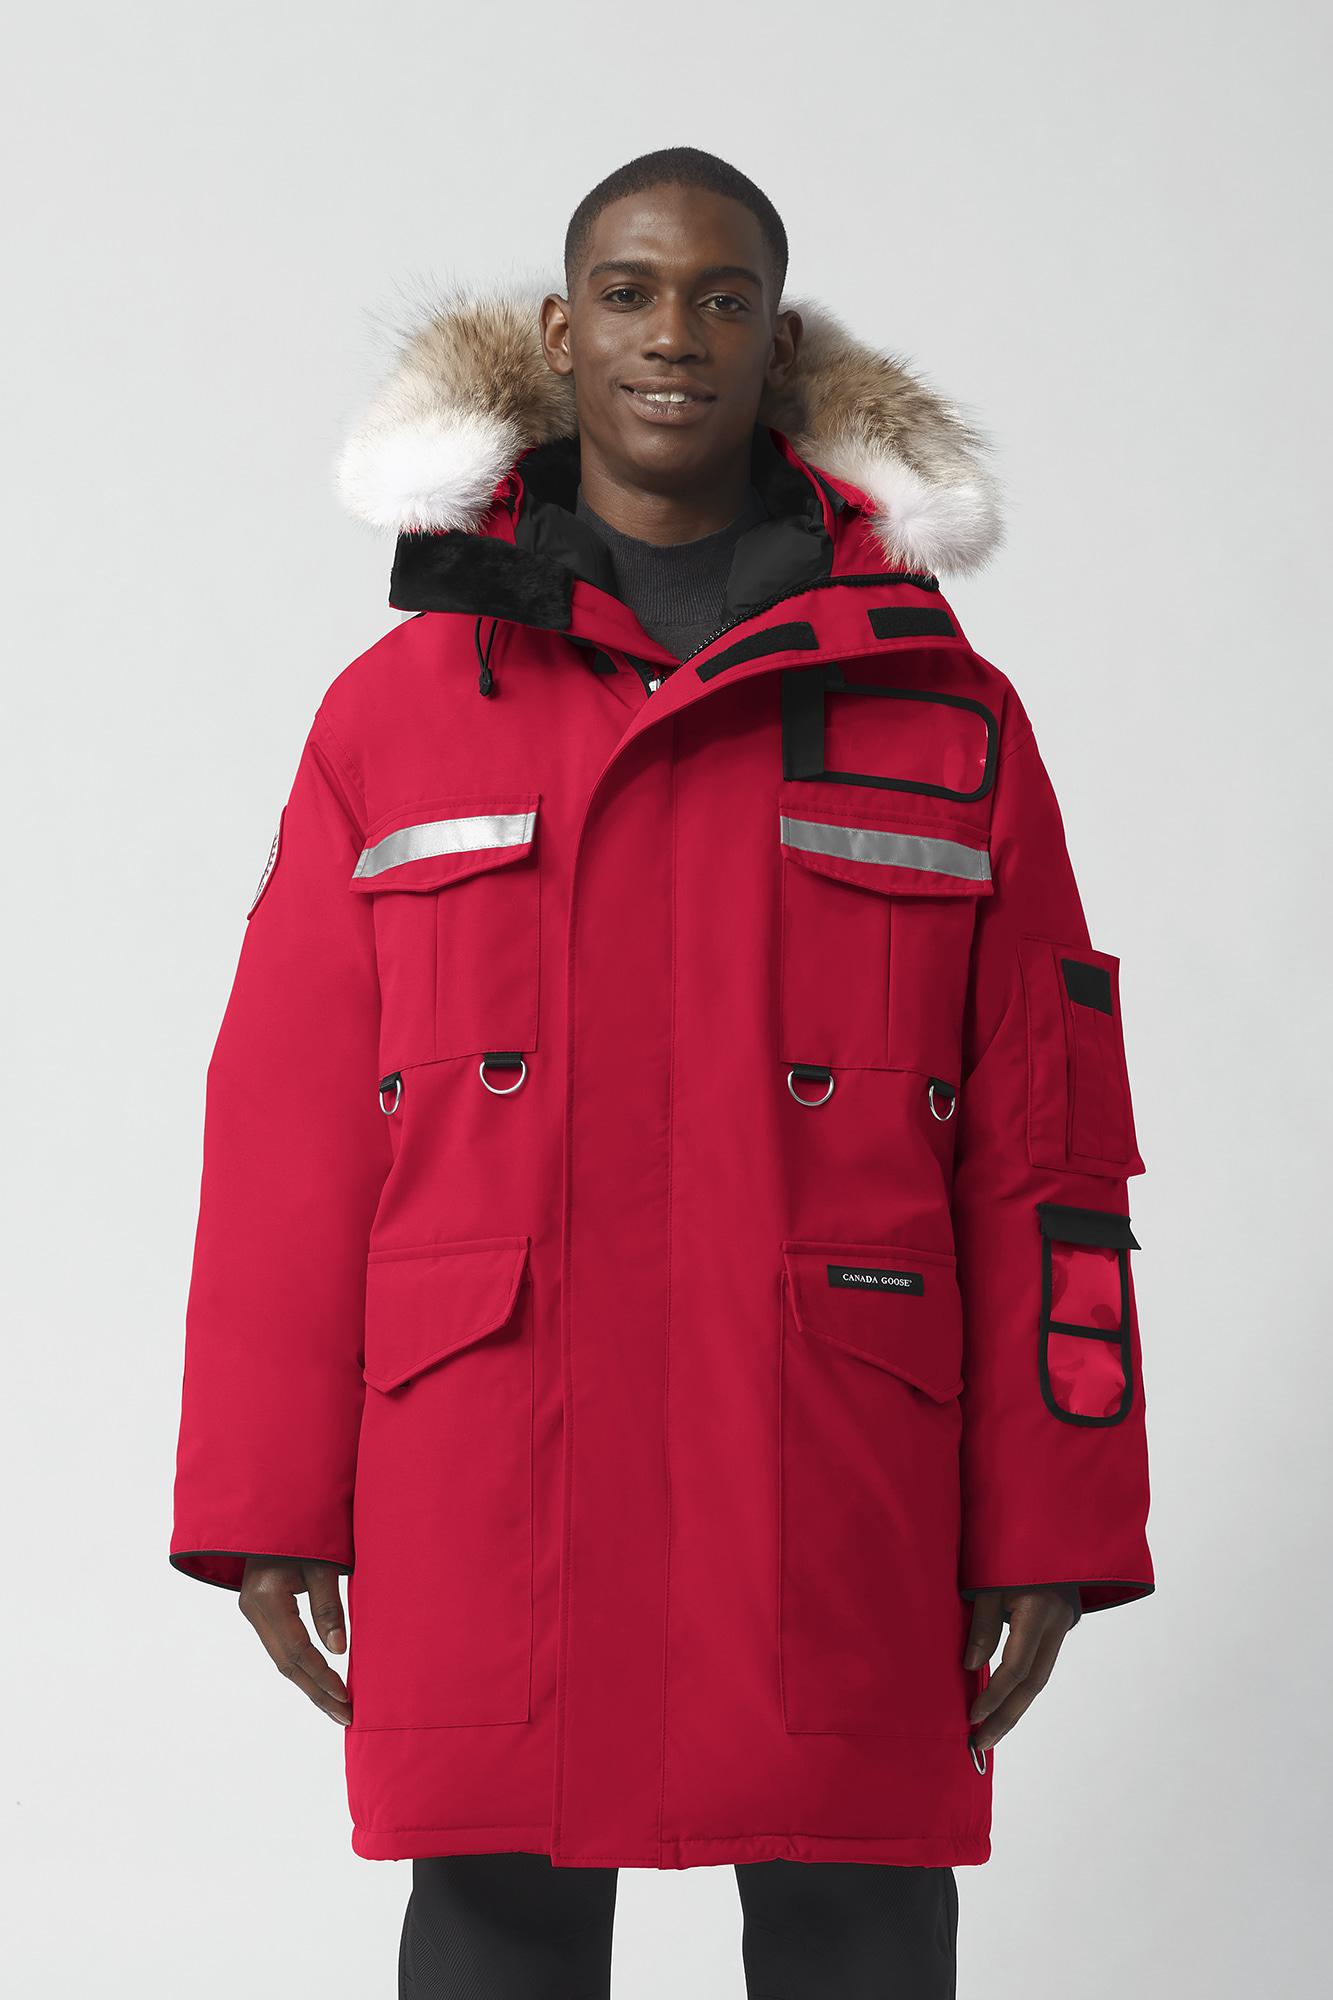 7b46255d greece mens arctic program resolute parka canada goose 86d79 499e2